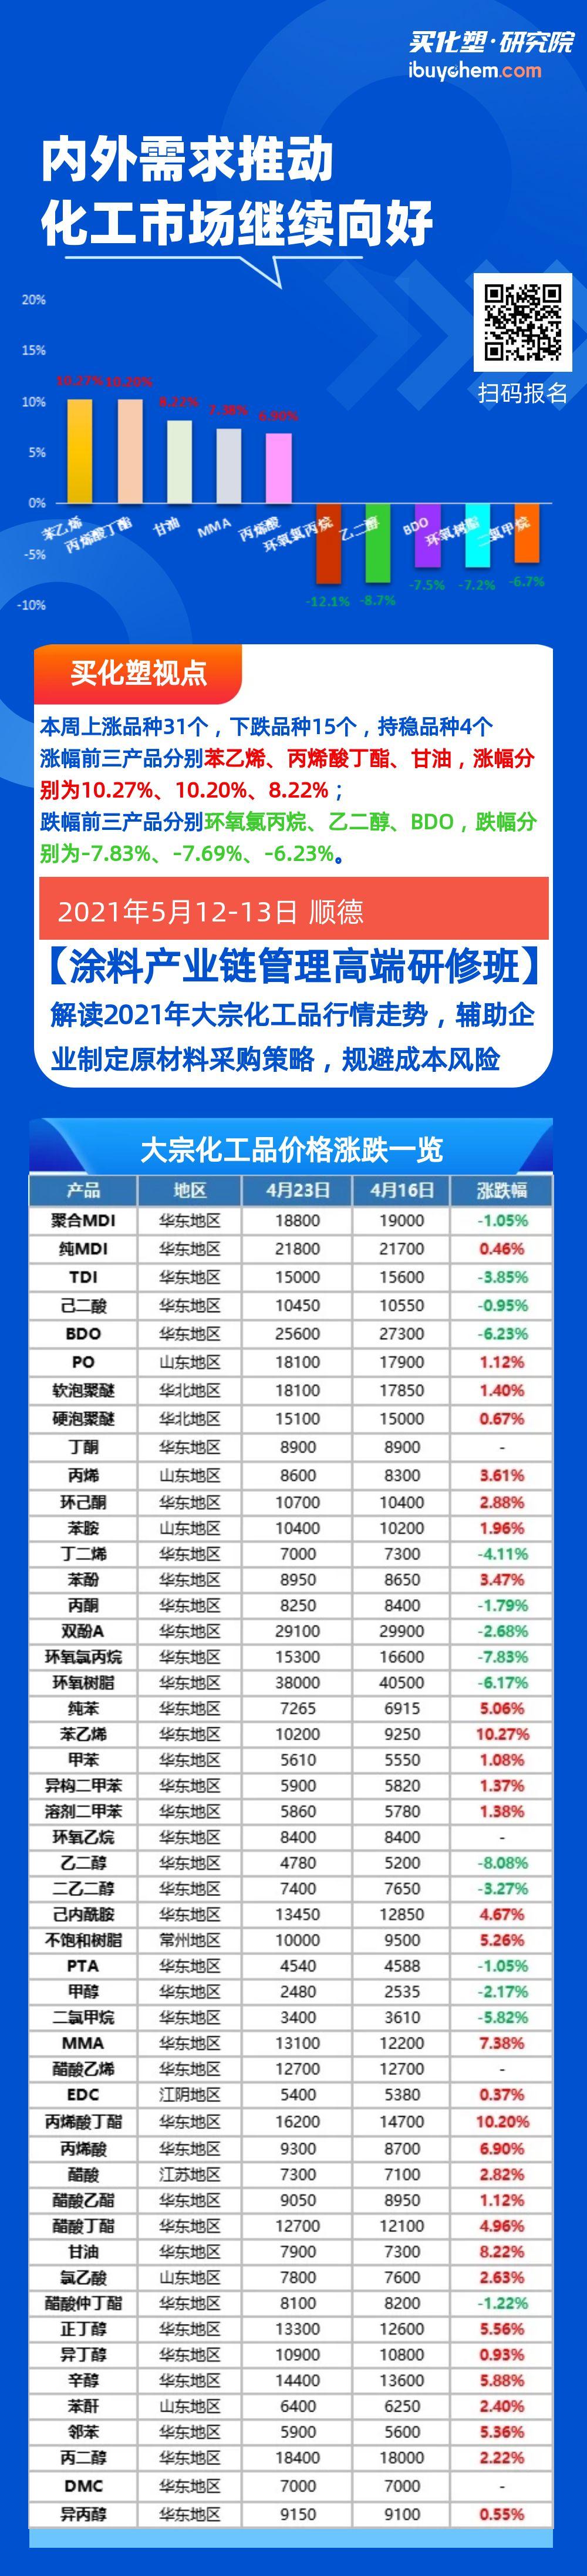 寰俊鍥剧墖_20210426135049.jpg